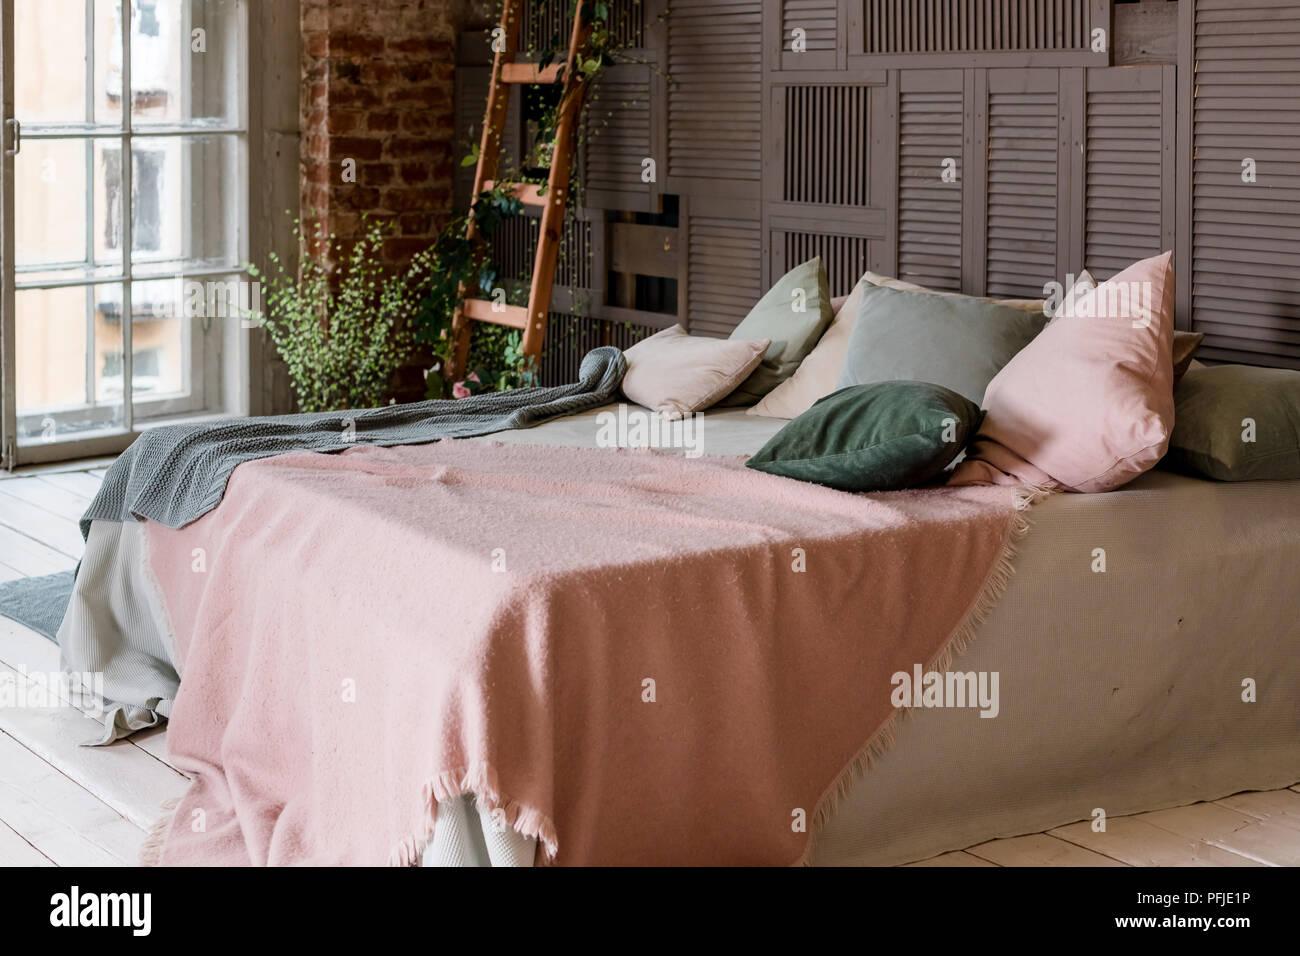 Kreative Nutzung von kleinen Raum in ein stilvolles Schlafzimmer ...